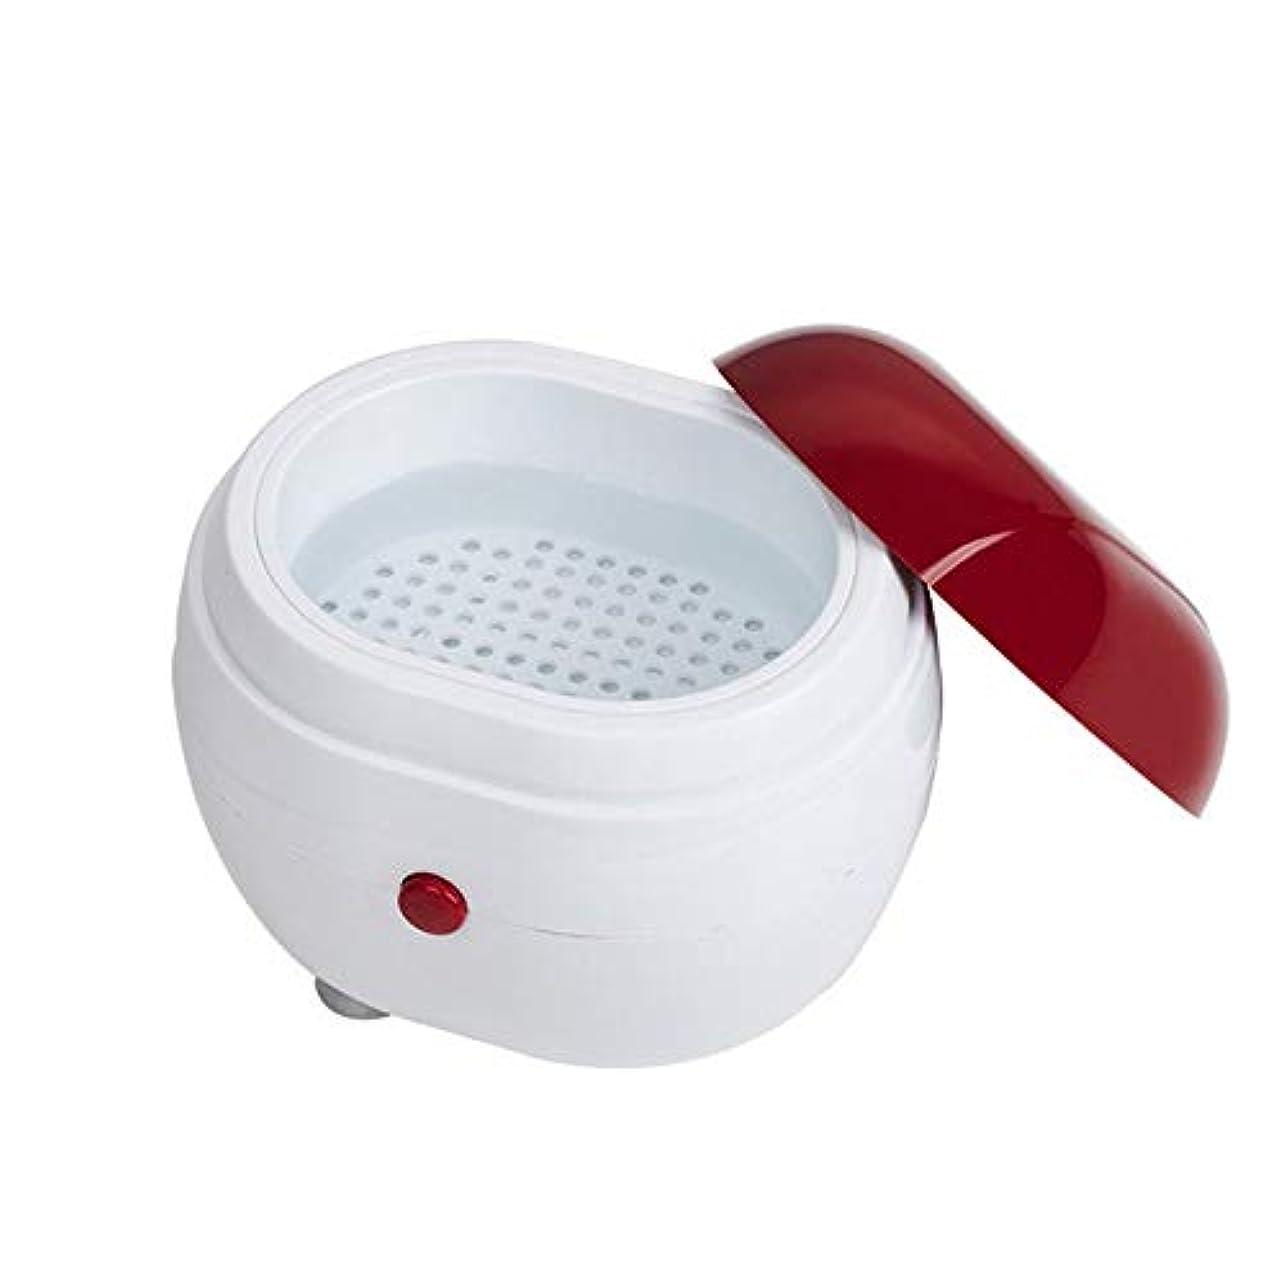 胸半ばテレックスポータブル超音波洗濯機家庭用ジュエリーレンズ時計入れ歯クリーニング機洗濯機クリーナークリーニングボックス - 赤&白